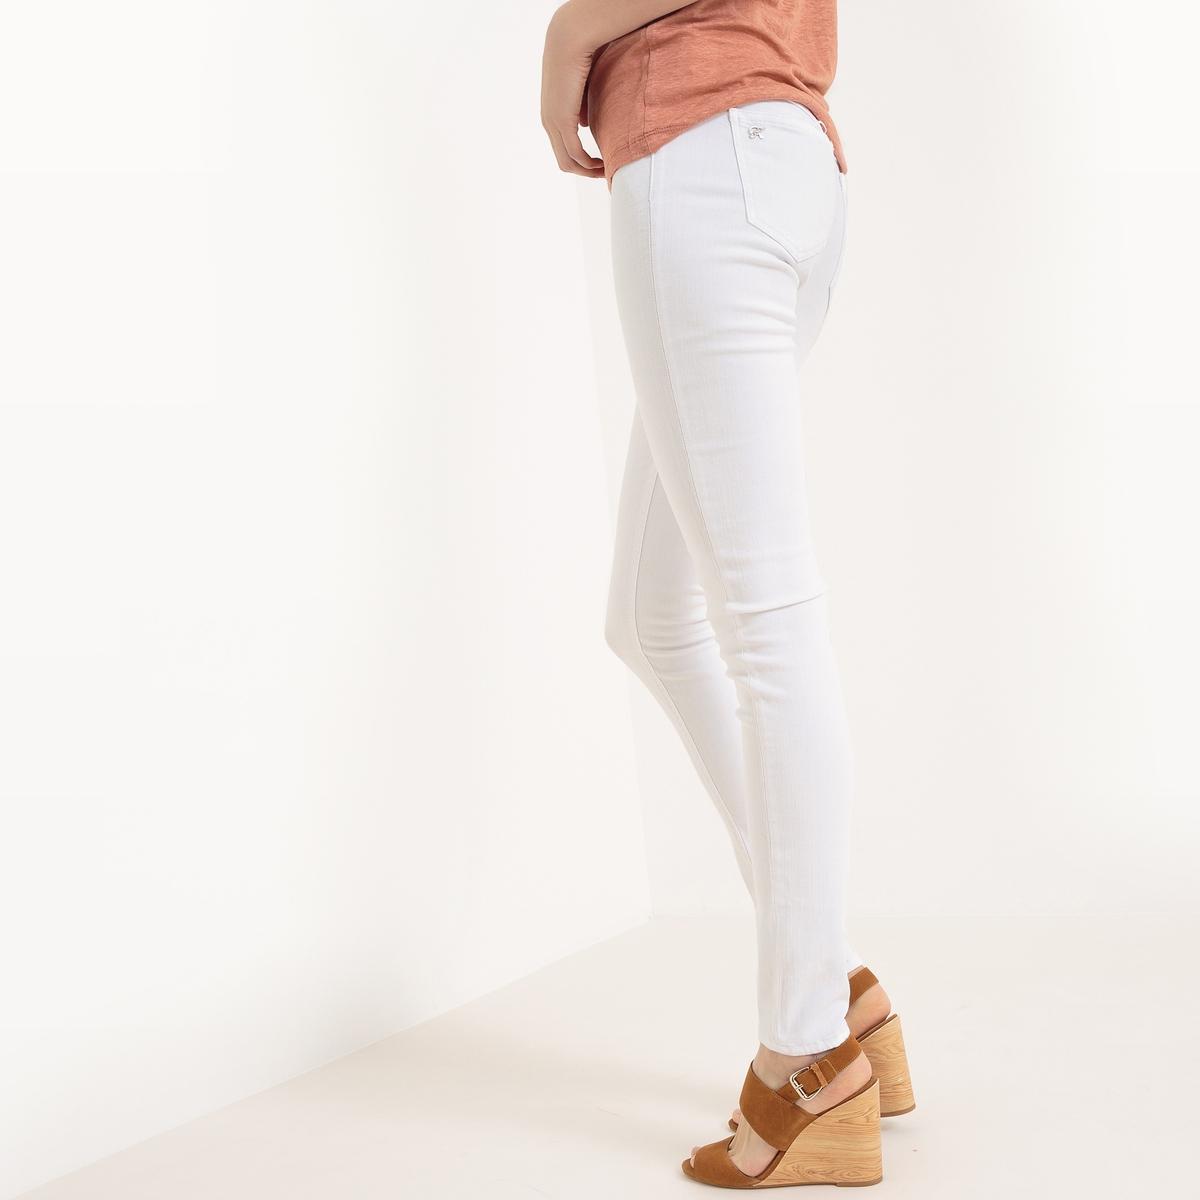 Джинсы базового гардеробаМатериал : 91% хлопка, 3% эластана, 6% полиэстера  Высота пояса : стандартная Покрой джинсов : скинни Длина джинсов : длина 32<br><br>Цвет: белый,синий потертый,темно-синий<br>Размер: 27 длина 32